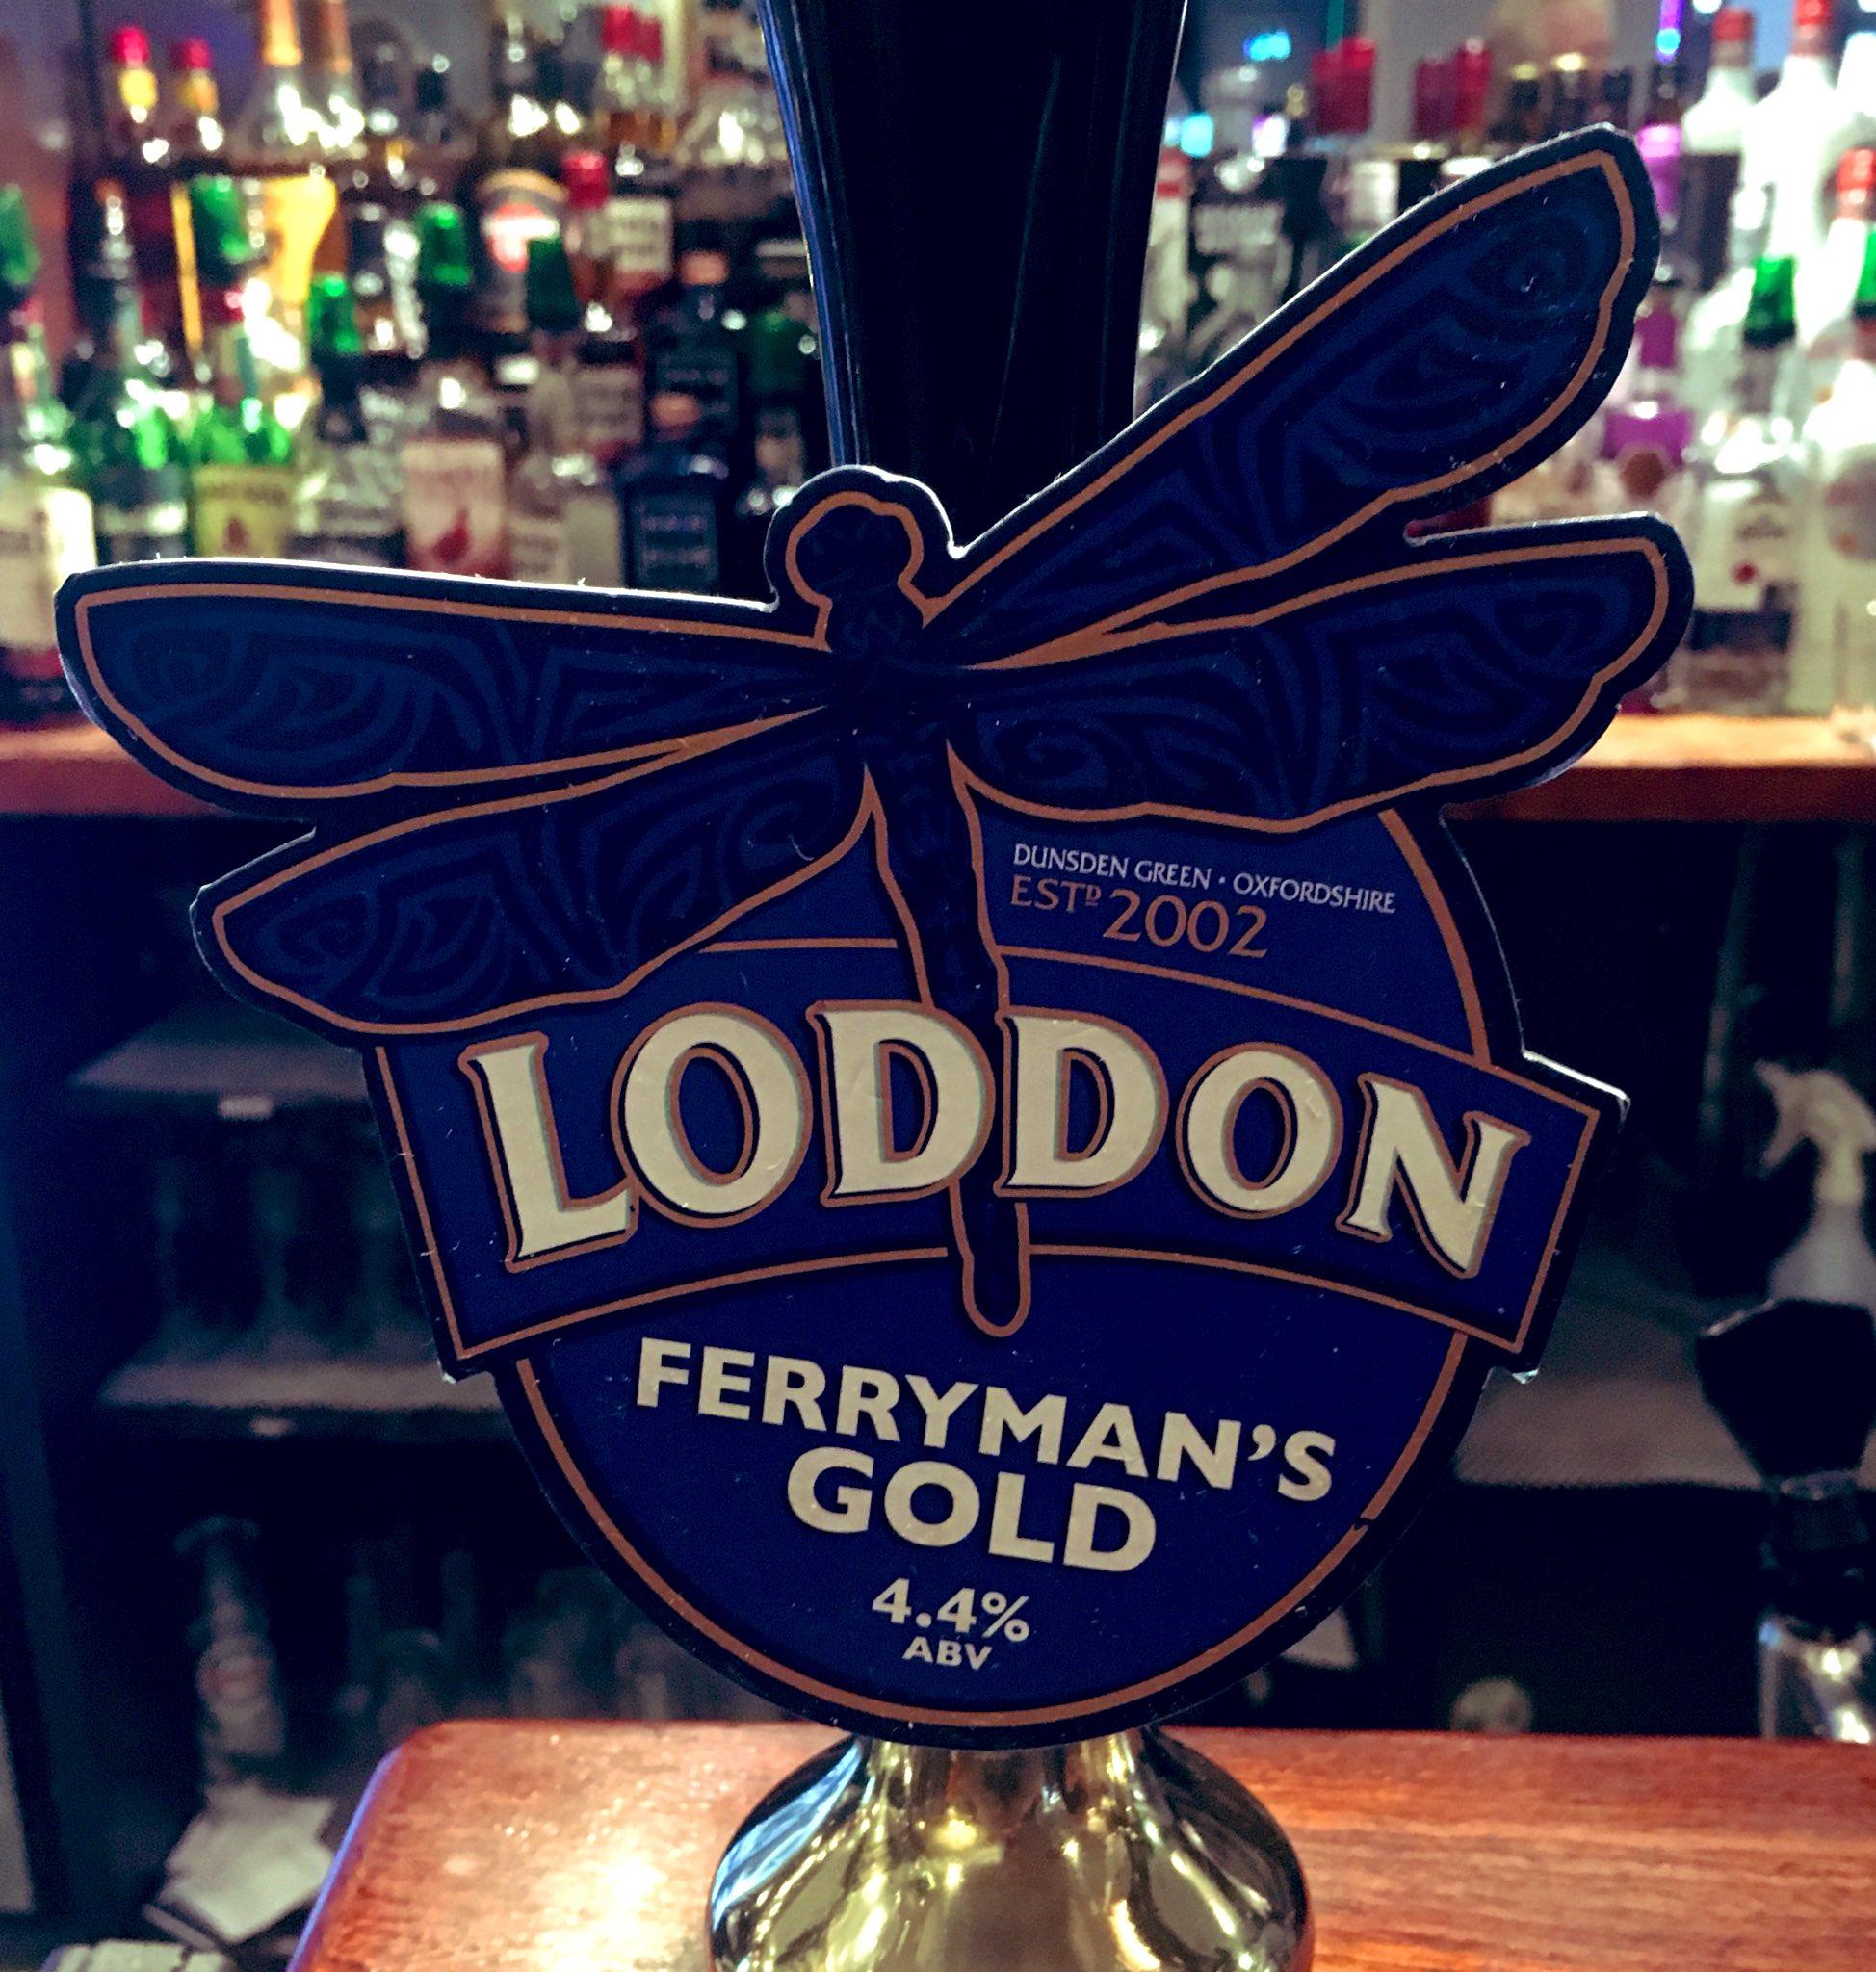 164: Ferryman's Gold